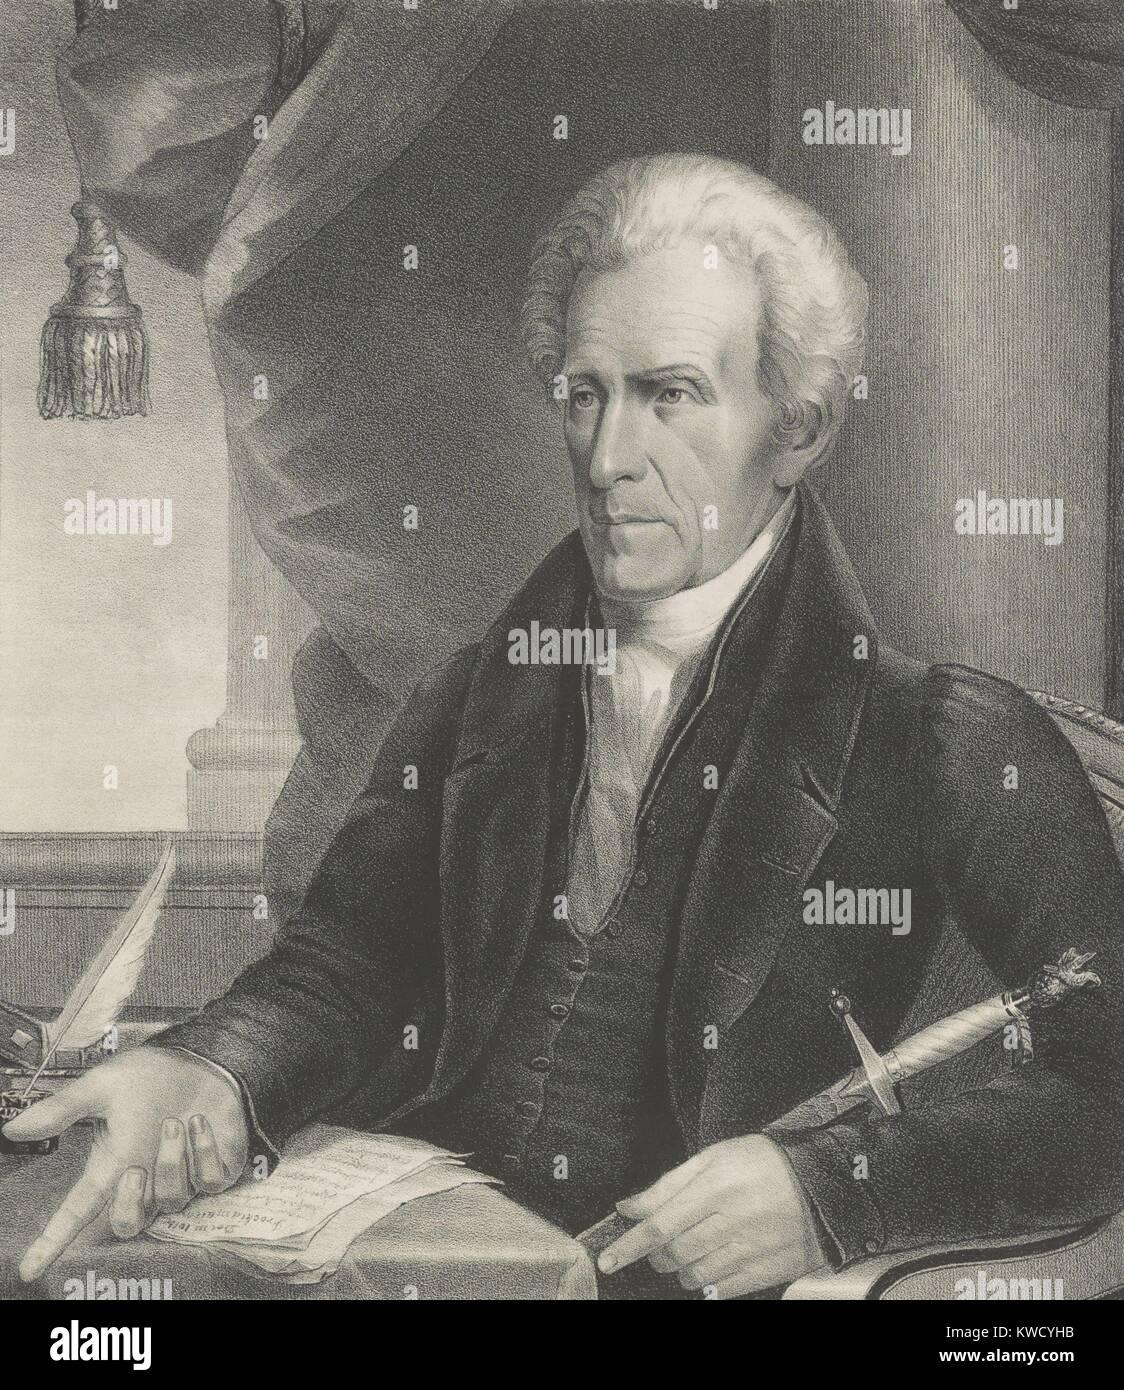 Präsident Andrew Jackson, 1833 Drucken von Ezra Bisbee (BSLOC_2017_6_13) Stockbild